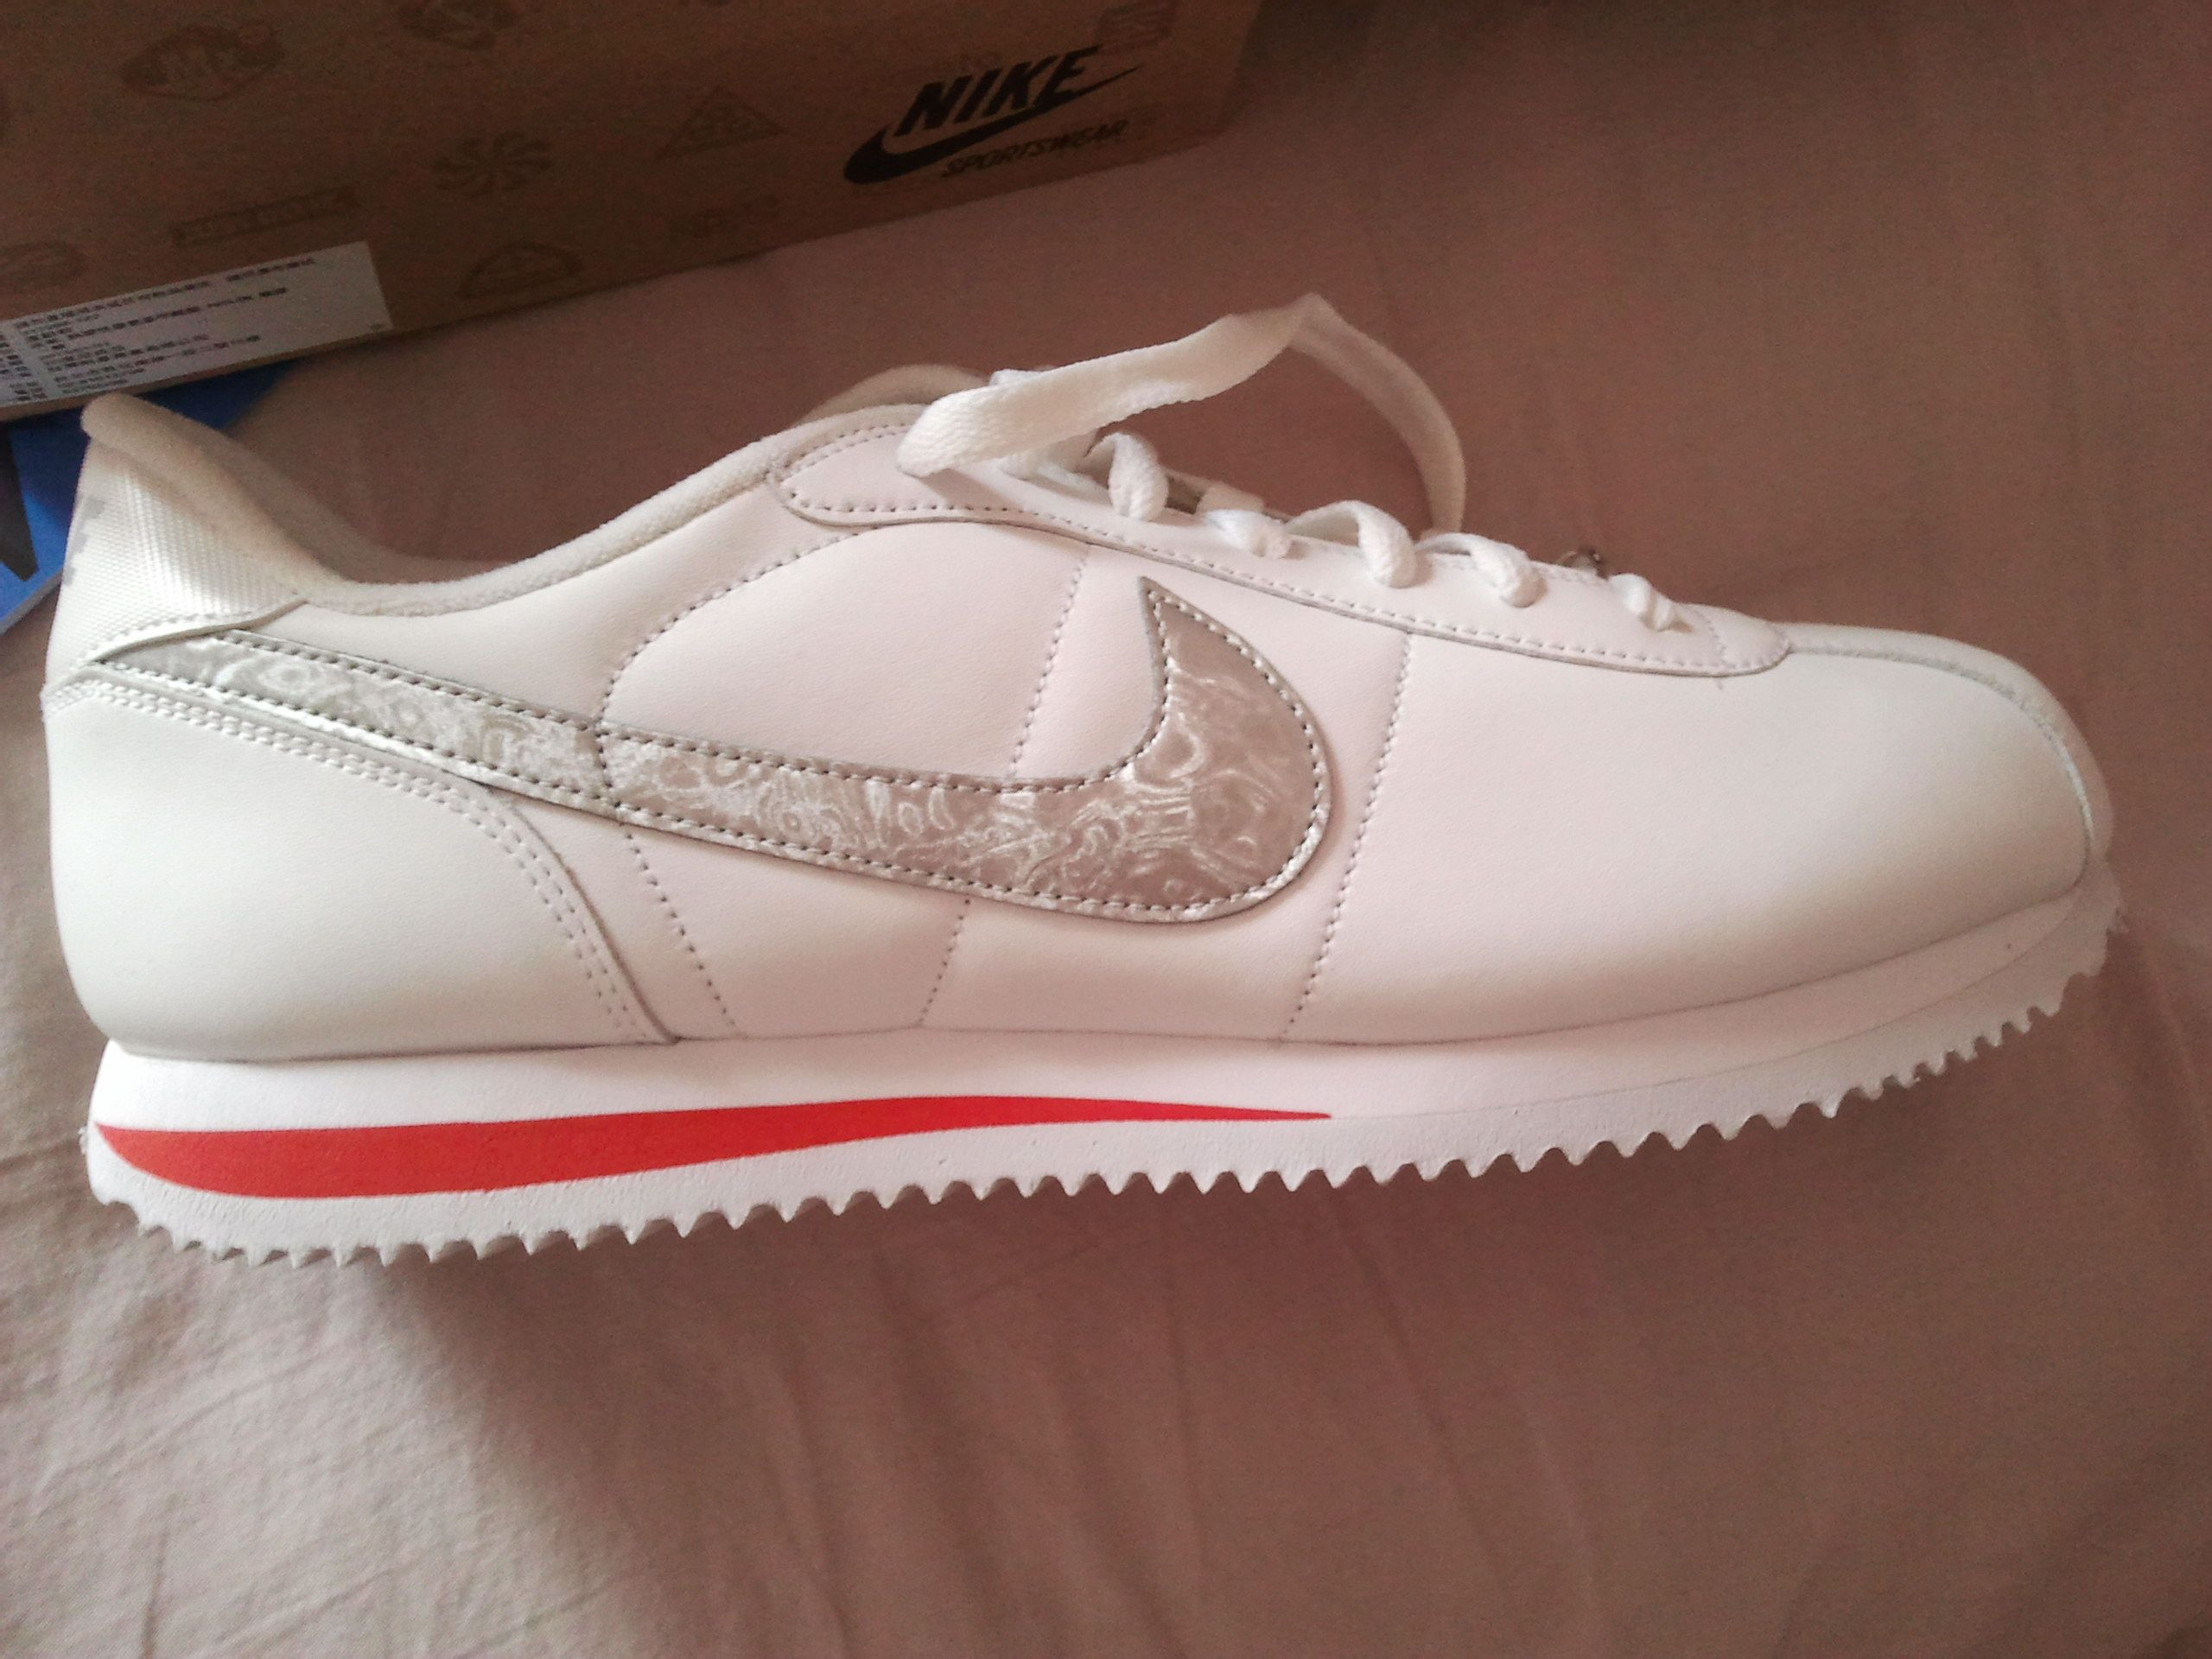 耐克阿甘鞋鉴定 新买的是老款高清图片